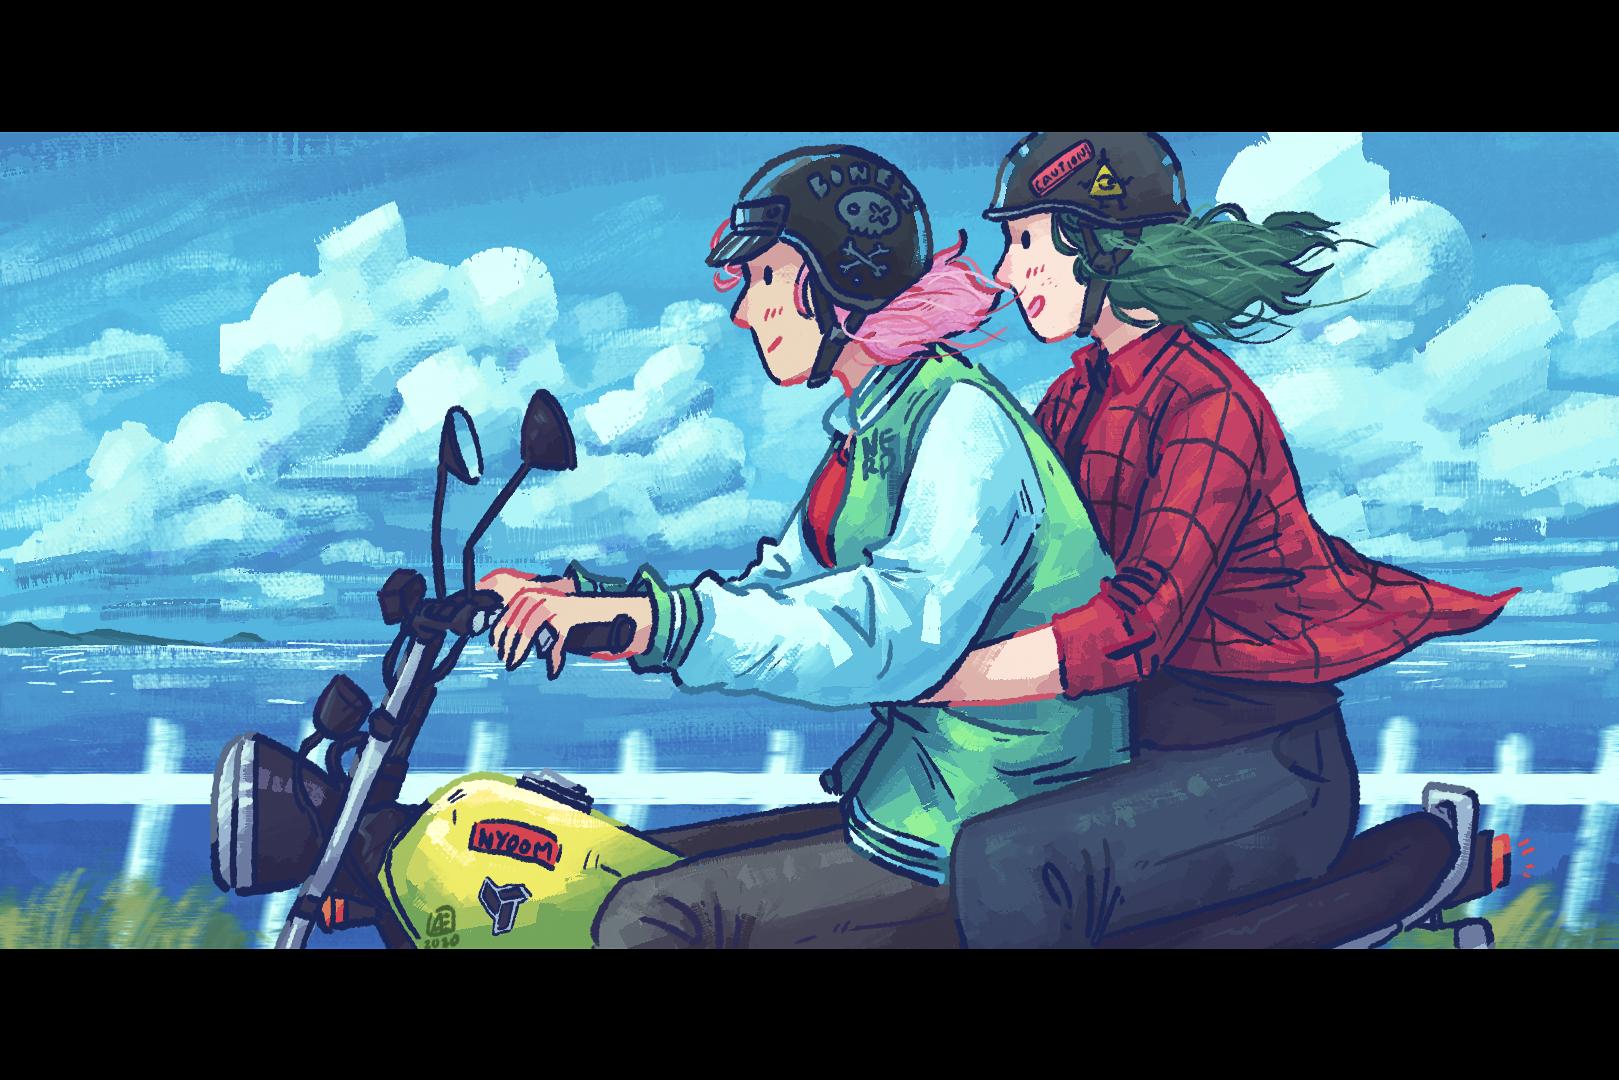 Motorbike Ride